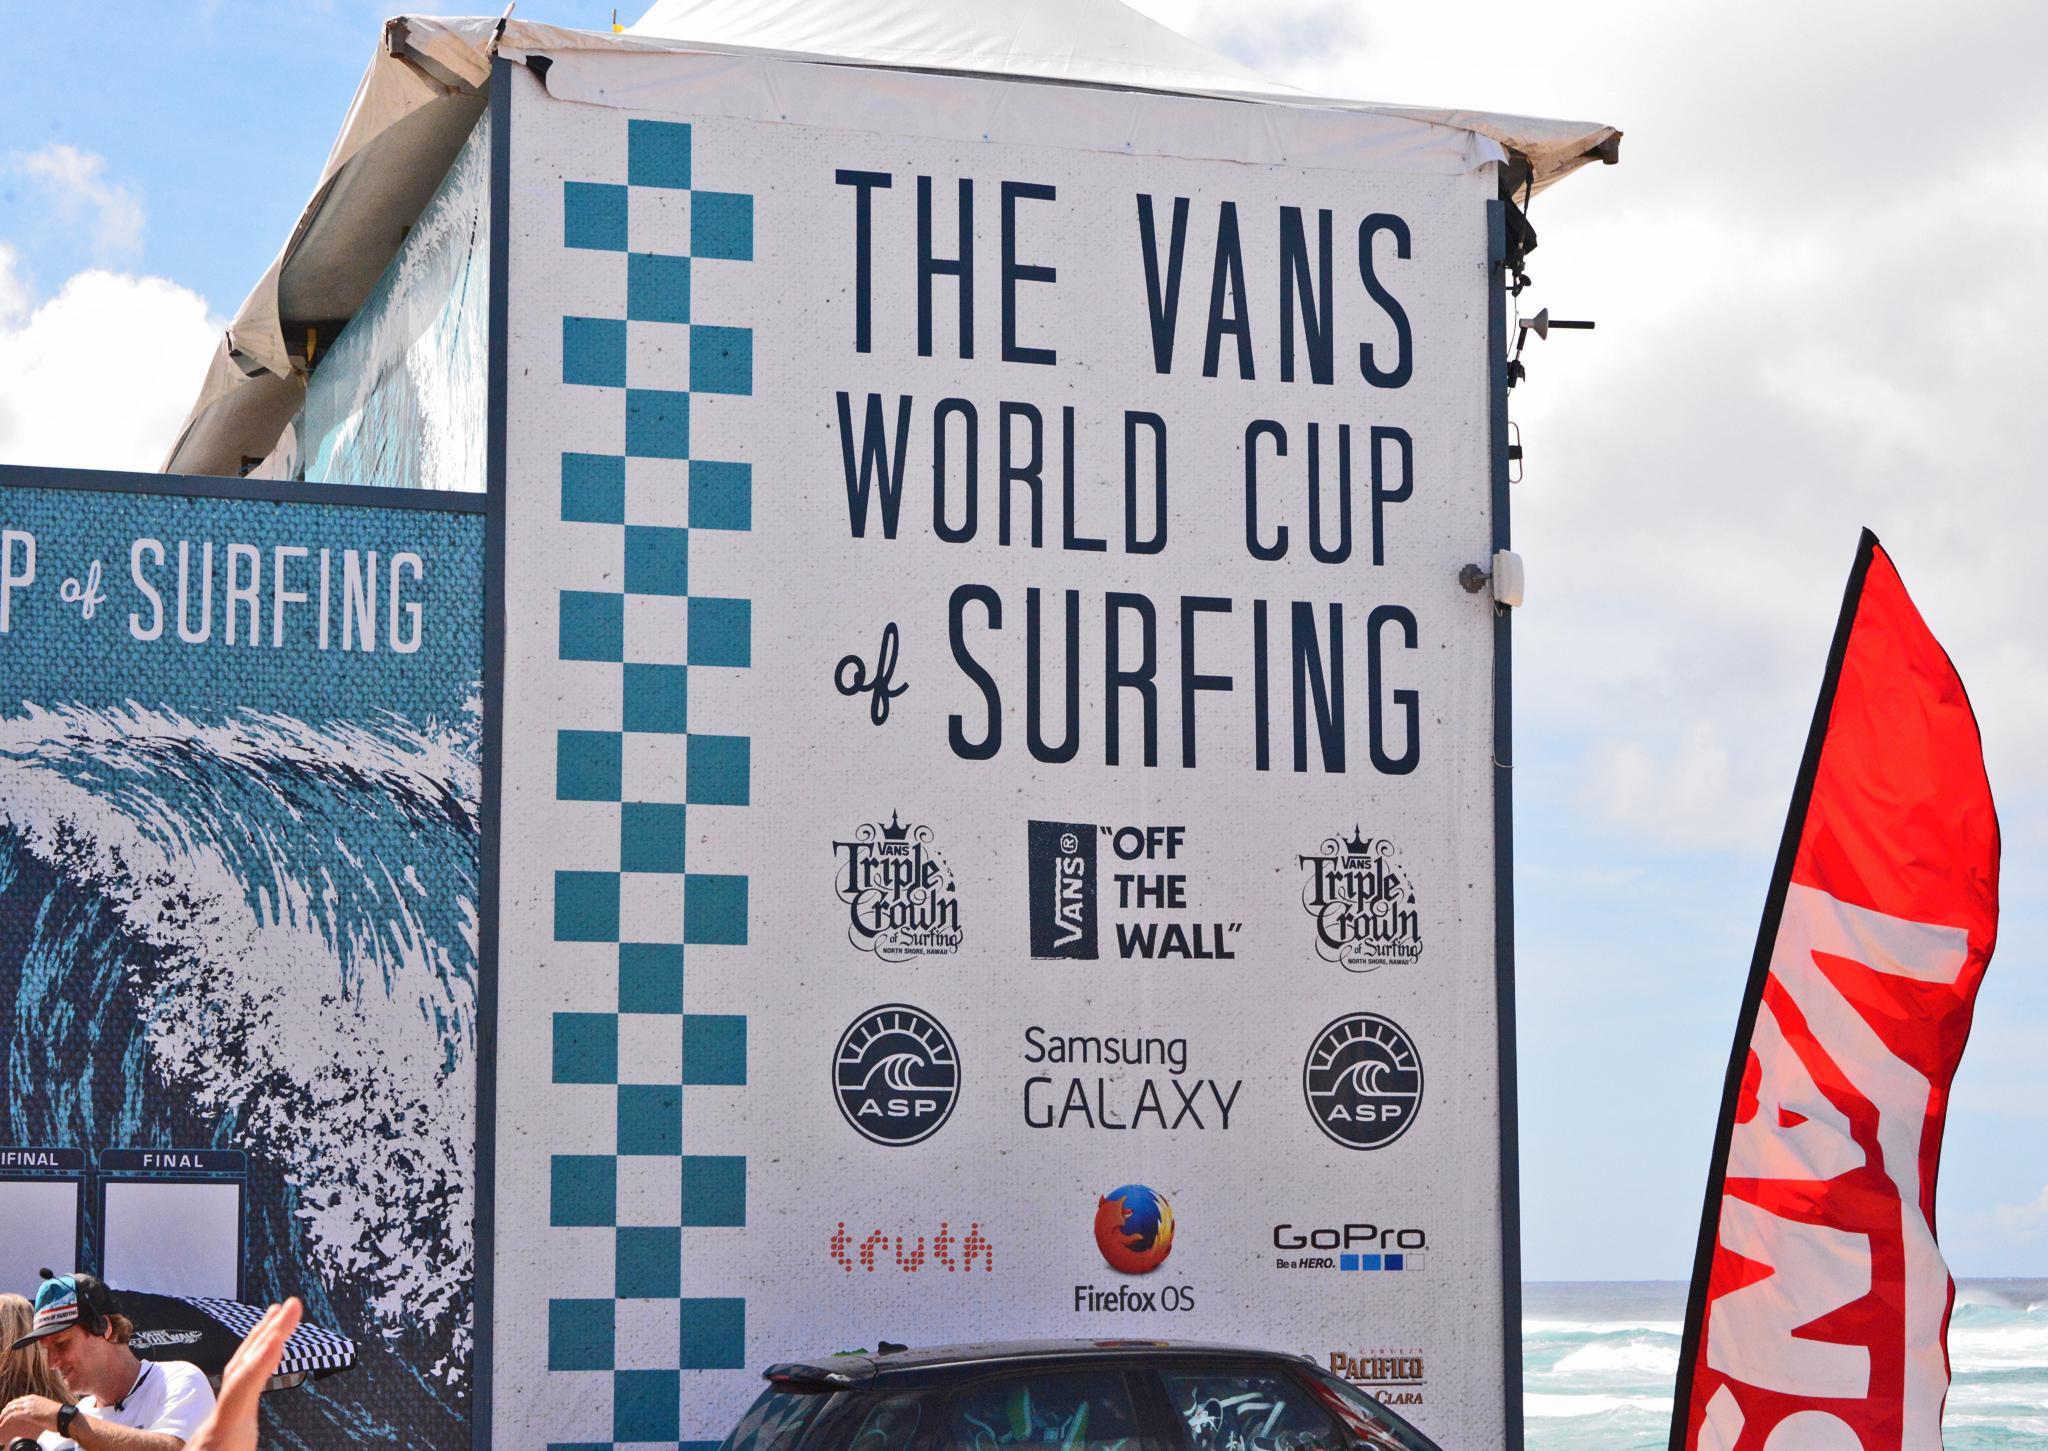 ⇑ 偶然、サーフィンのワールドカップが行われていた